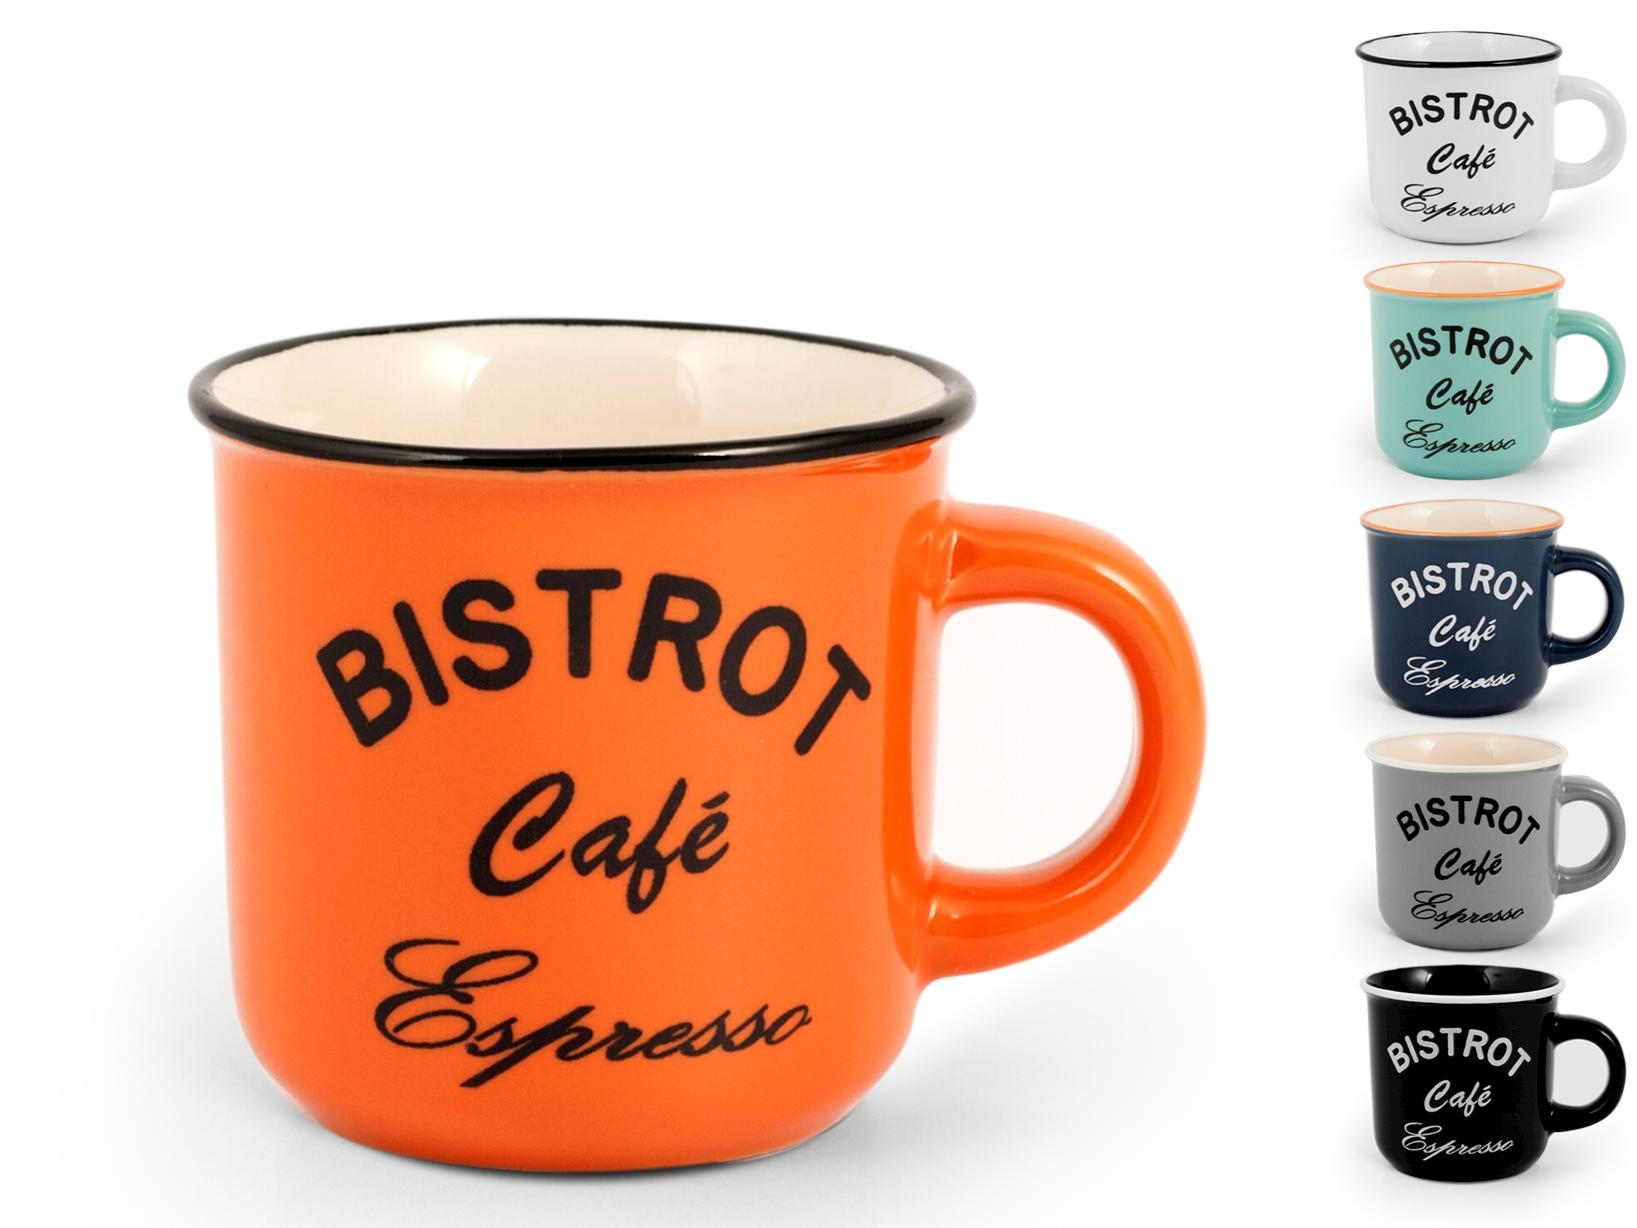 6 Tazze Caffe' In Stoneware Bistrot Senza Piatto Cc120